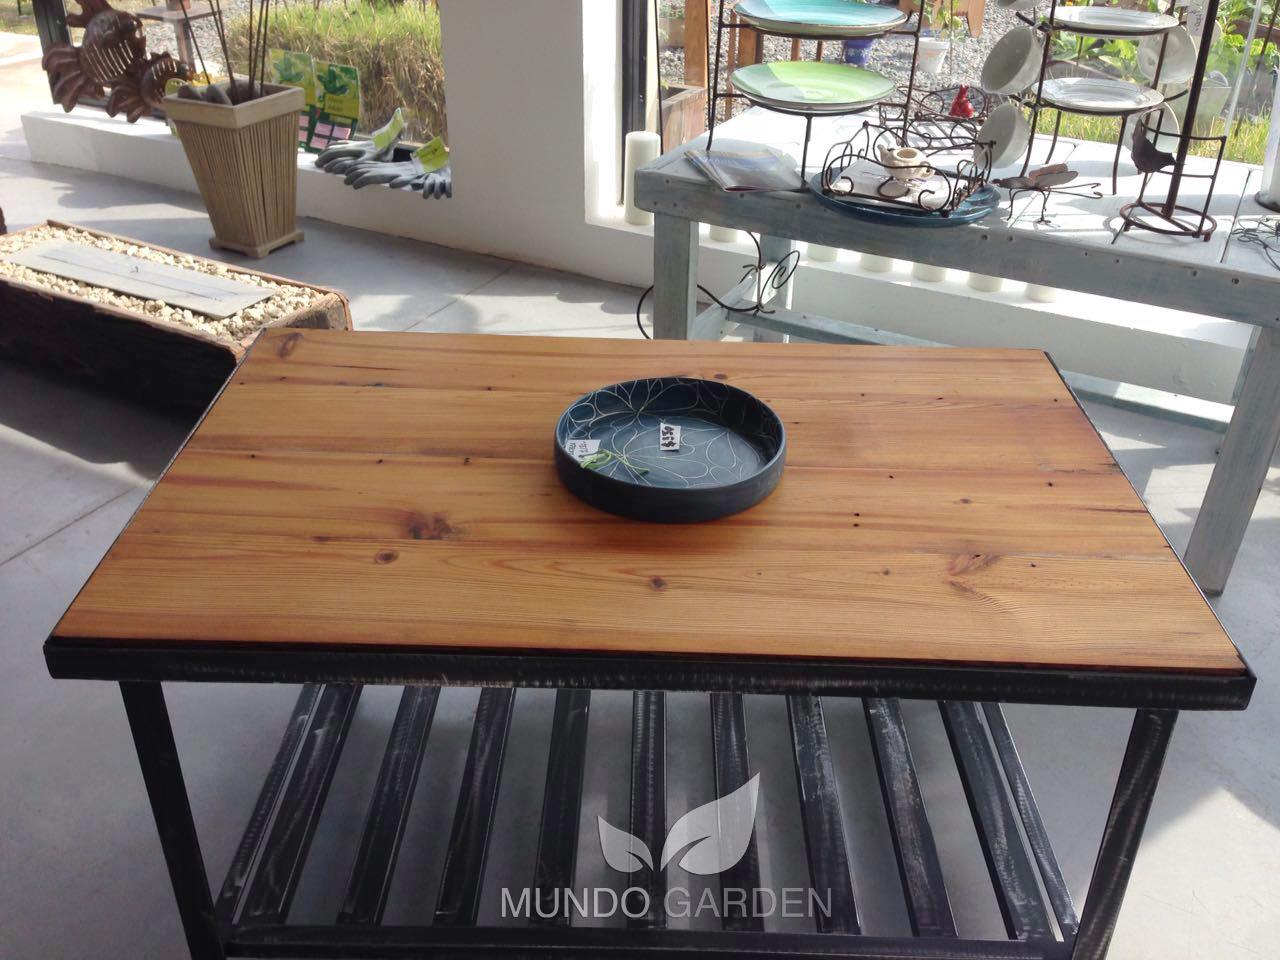 Mundo garden mesa ratona madera y hierro for Muebles de hierro y madera